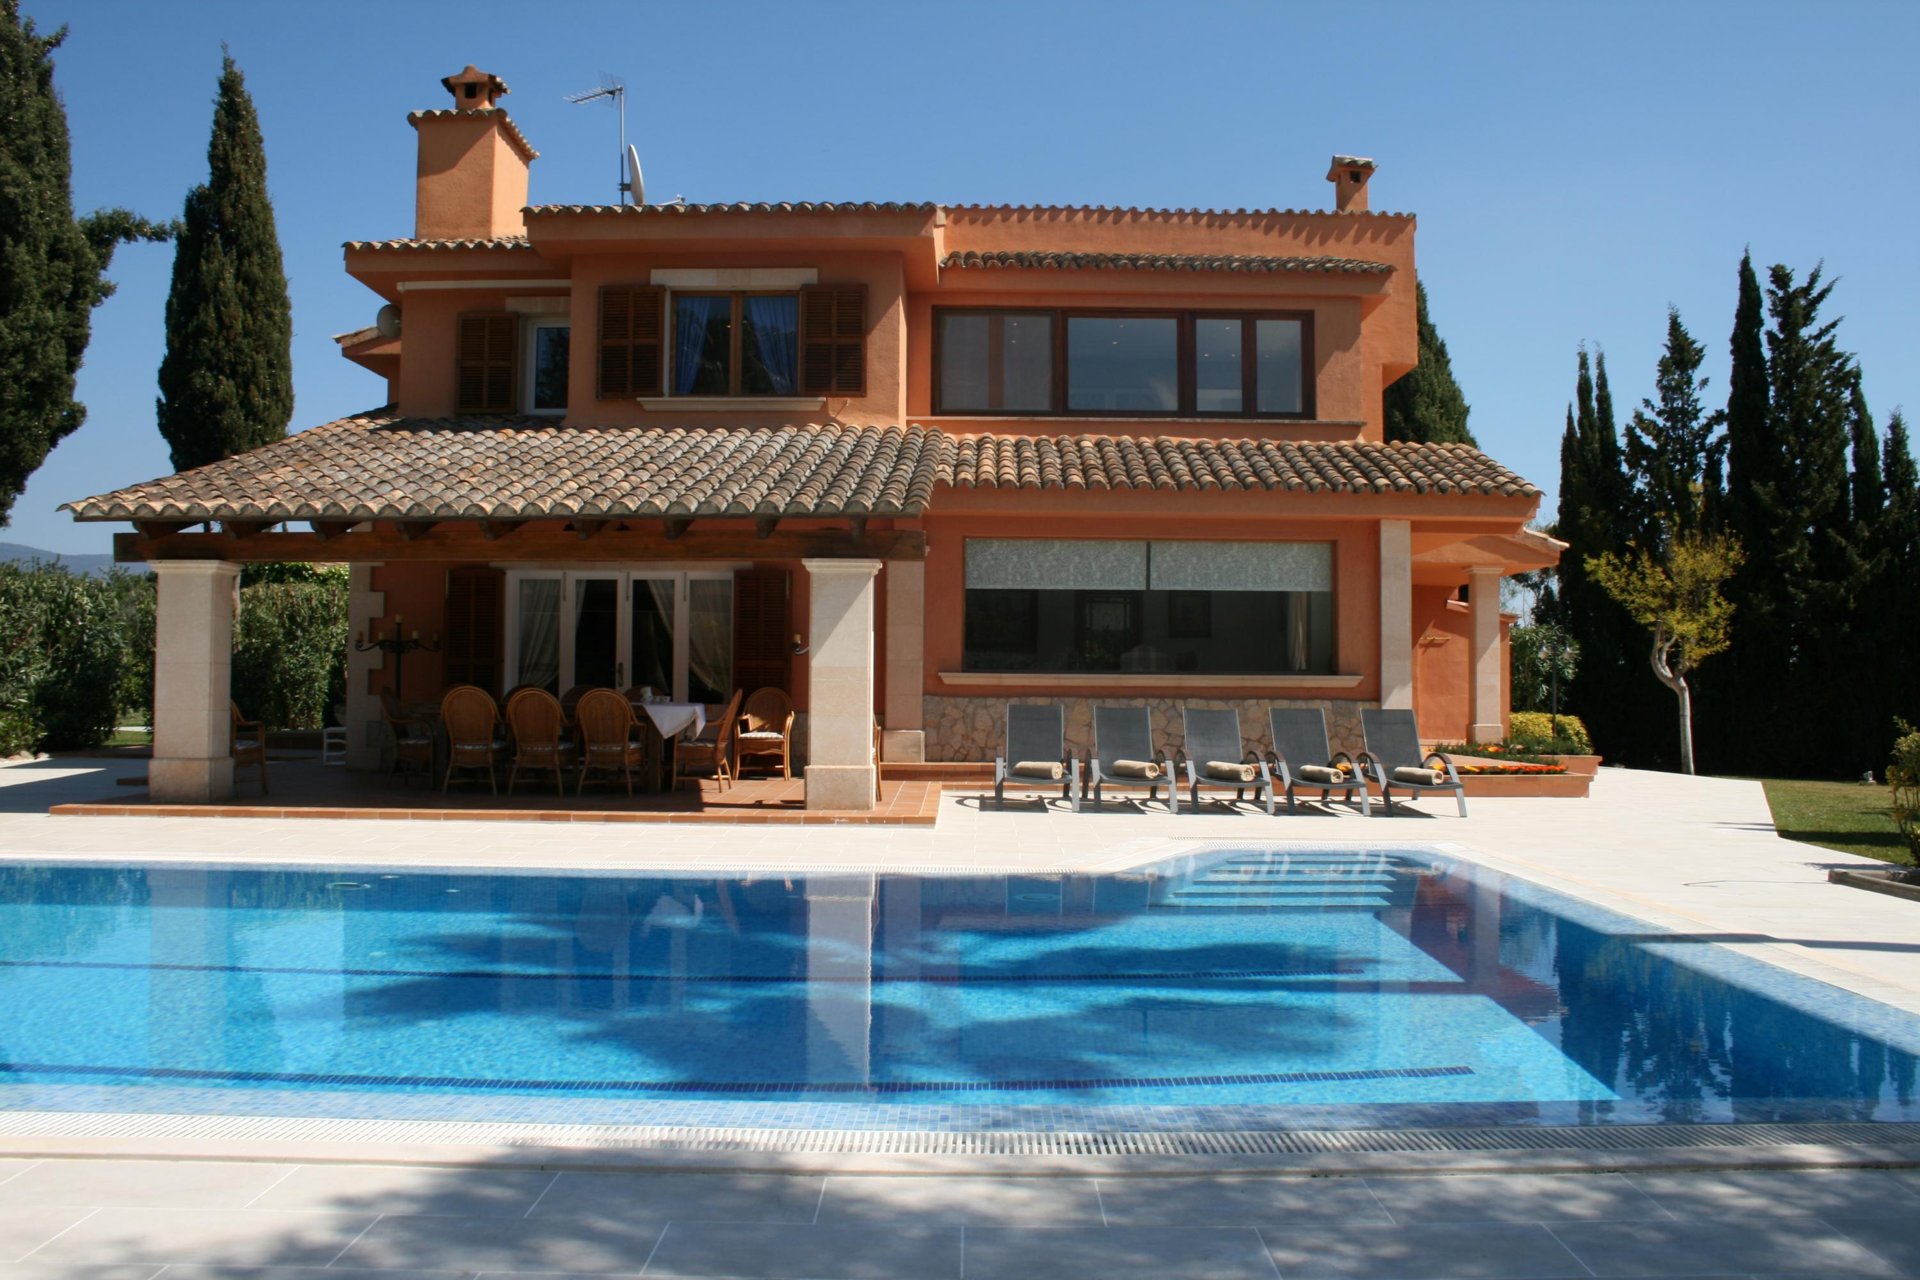 Ferienhaus mit Privatpool für 7 Personen ca.   in Spanien